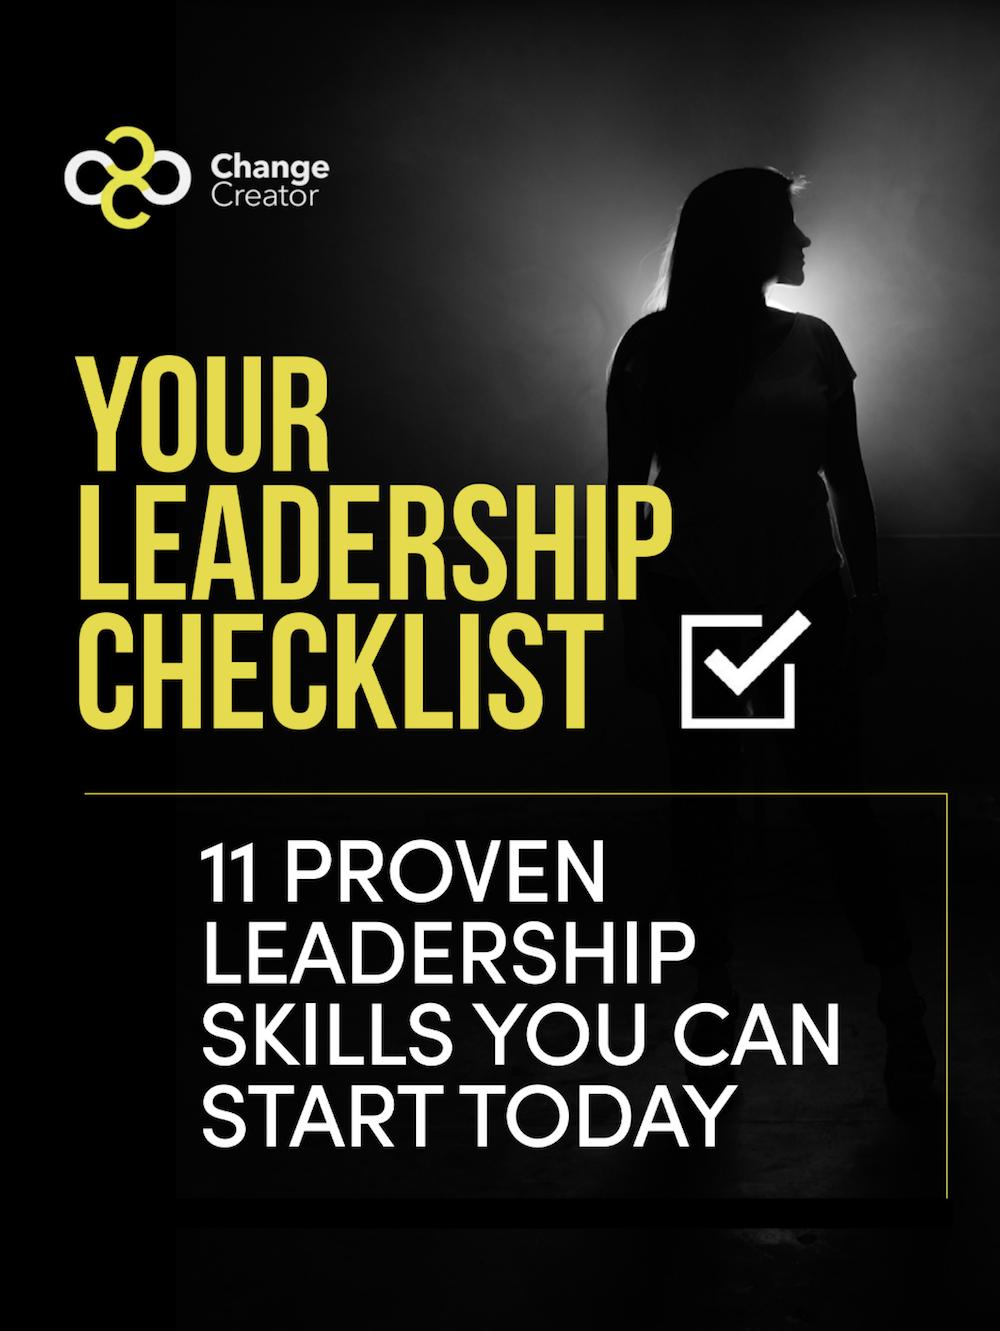 YOUR LEADERSHIP CHECKLIST